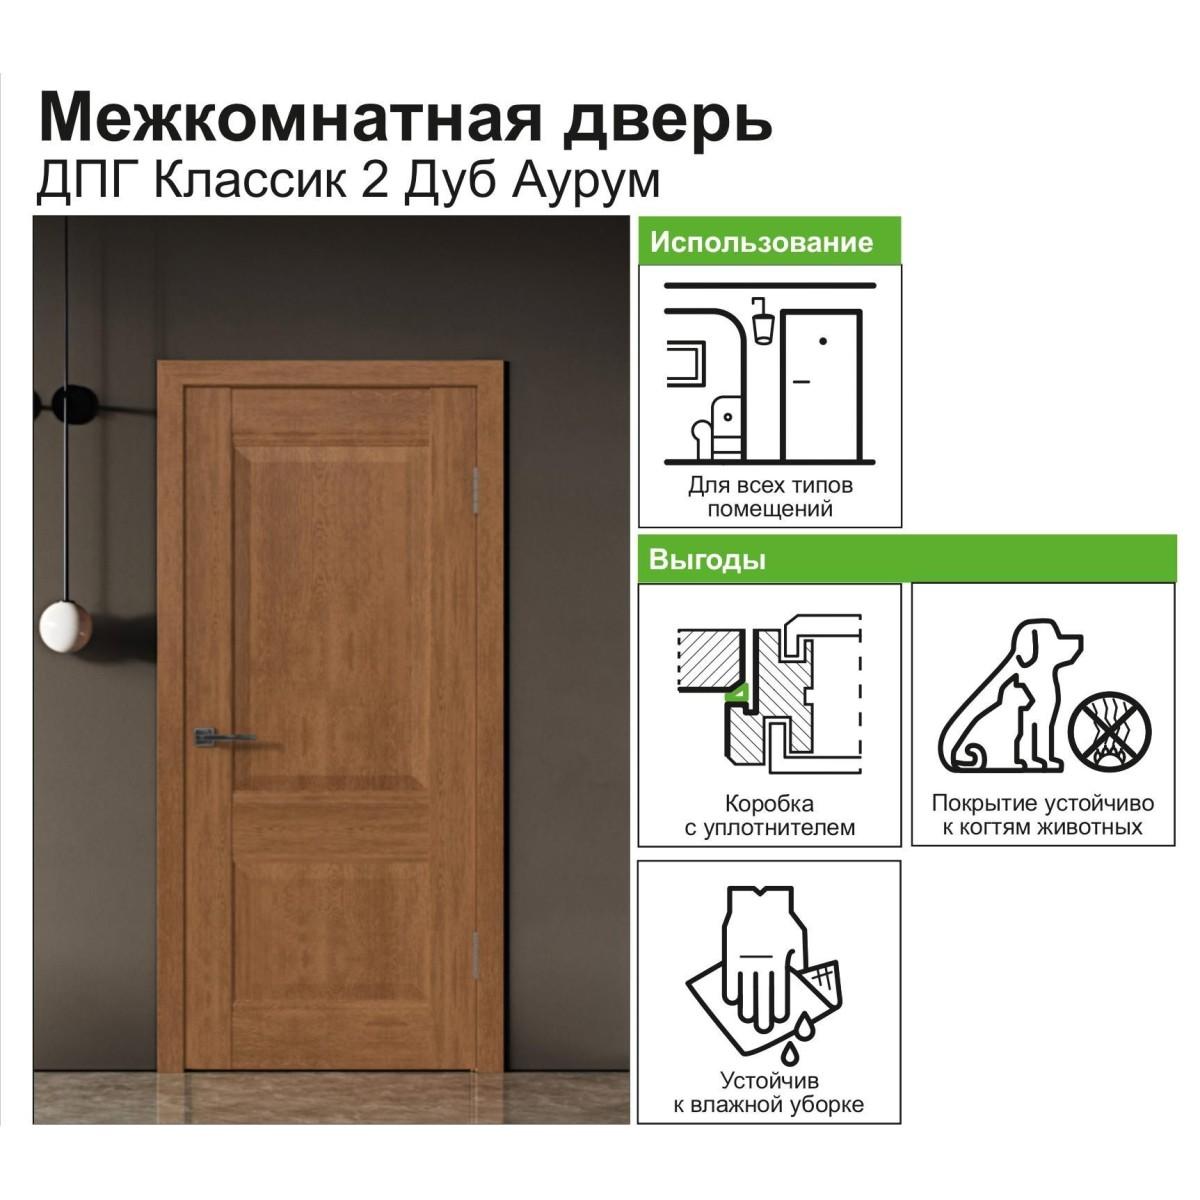 Дверь Межкомнатная Глухая С Замком И Петлями В Комплекте Классик 2 70x200 Пвх Цвет Дуб Аурум